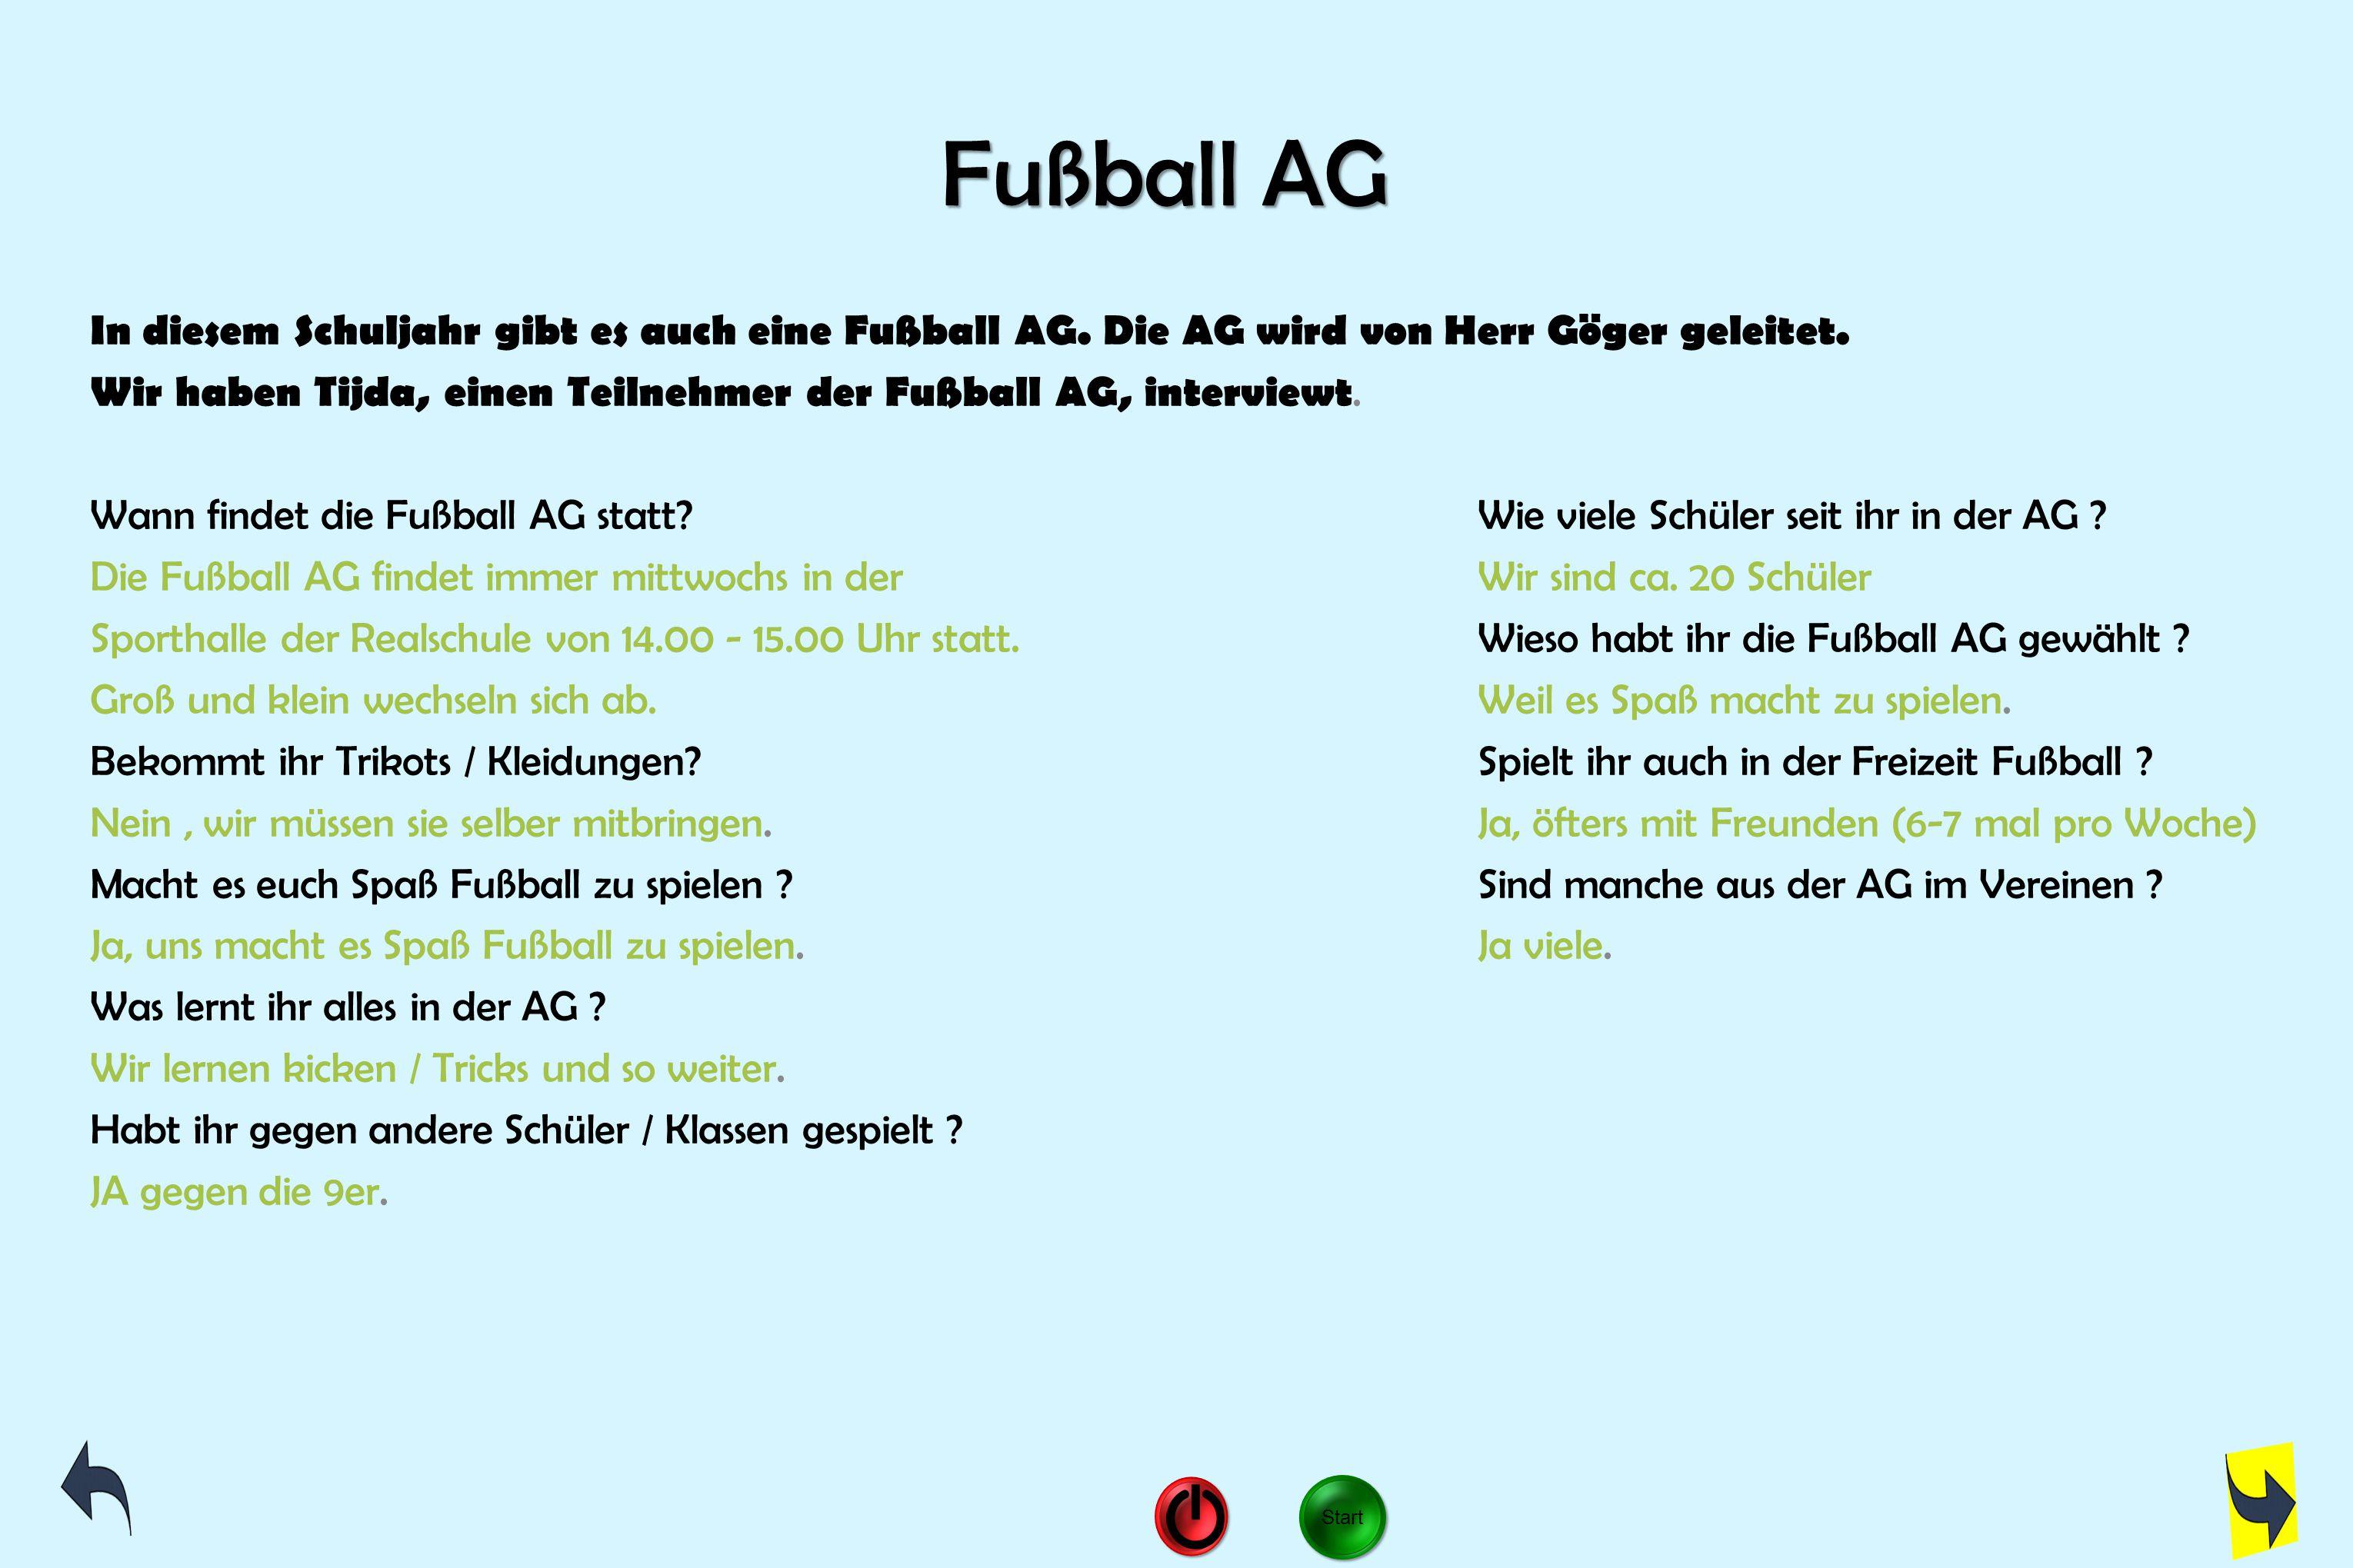 Fußball AG In diesem Schuljahr gibt es auch eine Fußball AG. Die AG wird von Herr Göger geleitet.